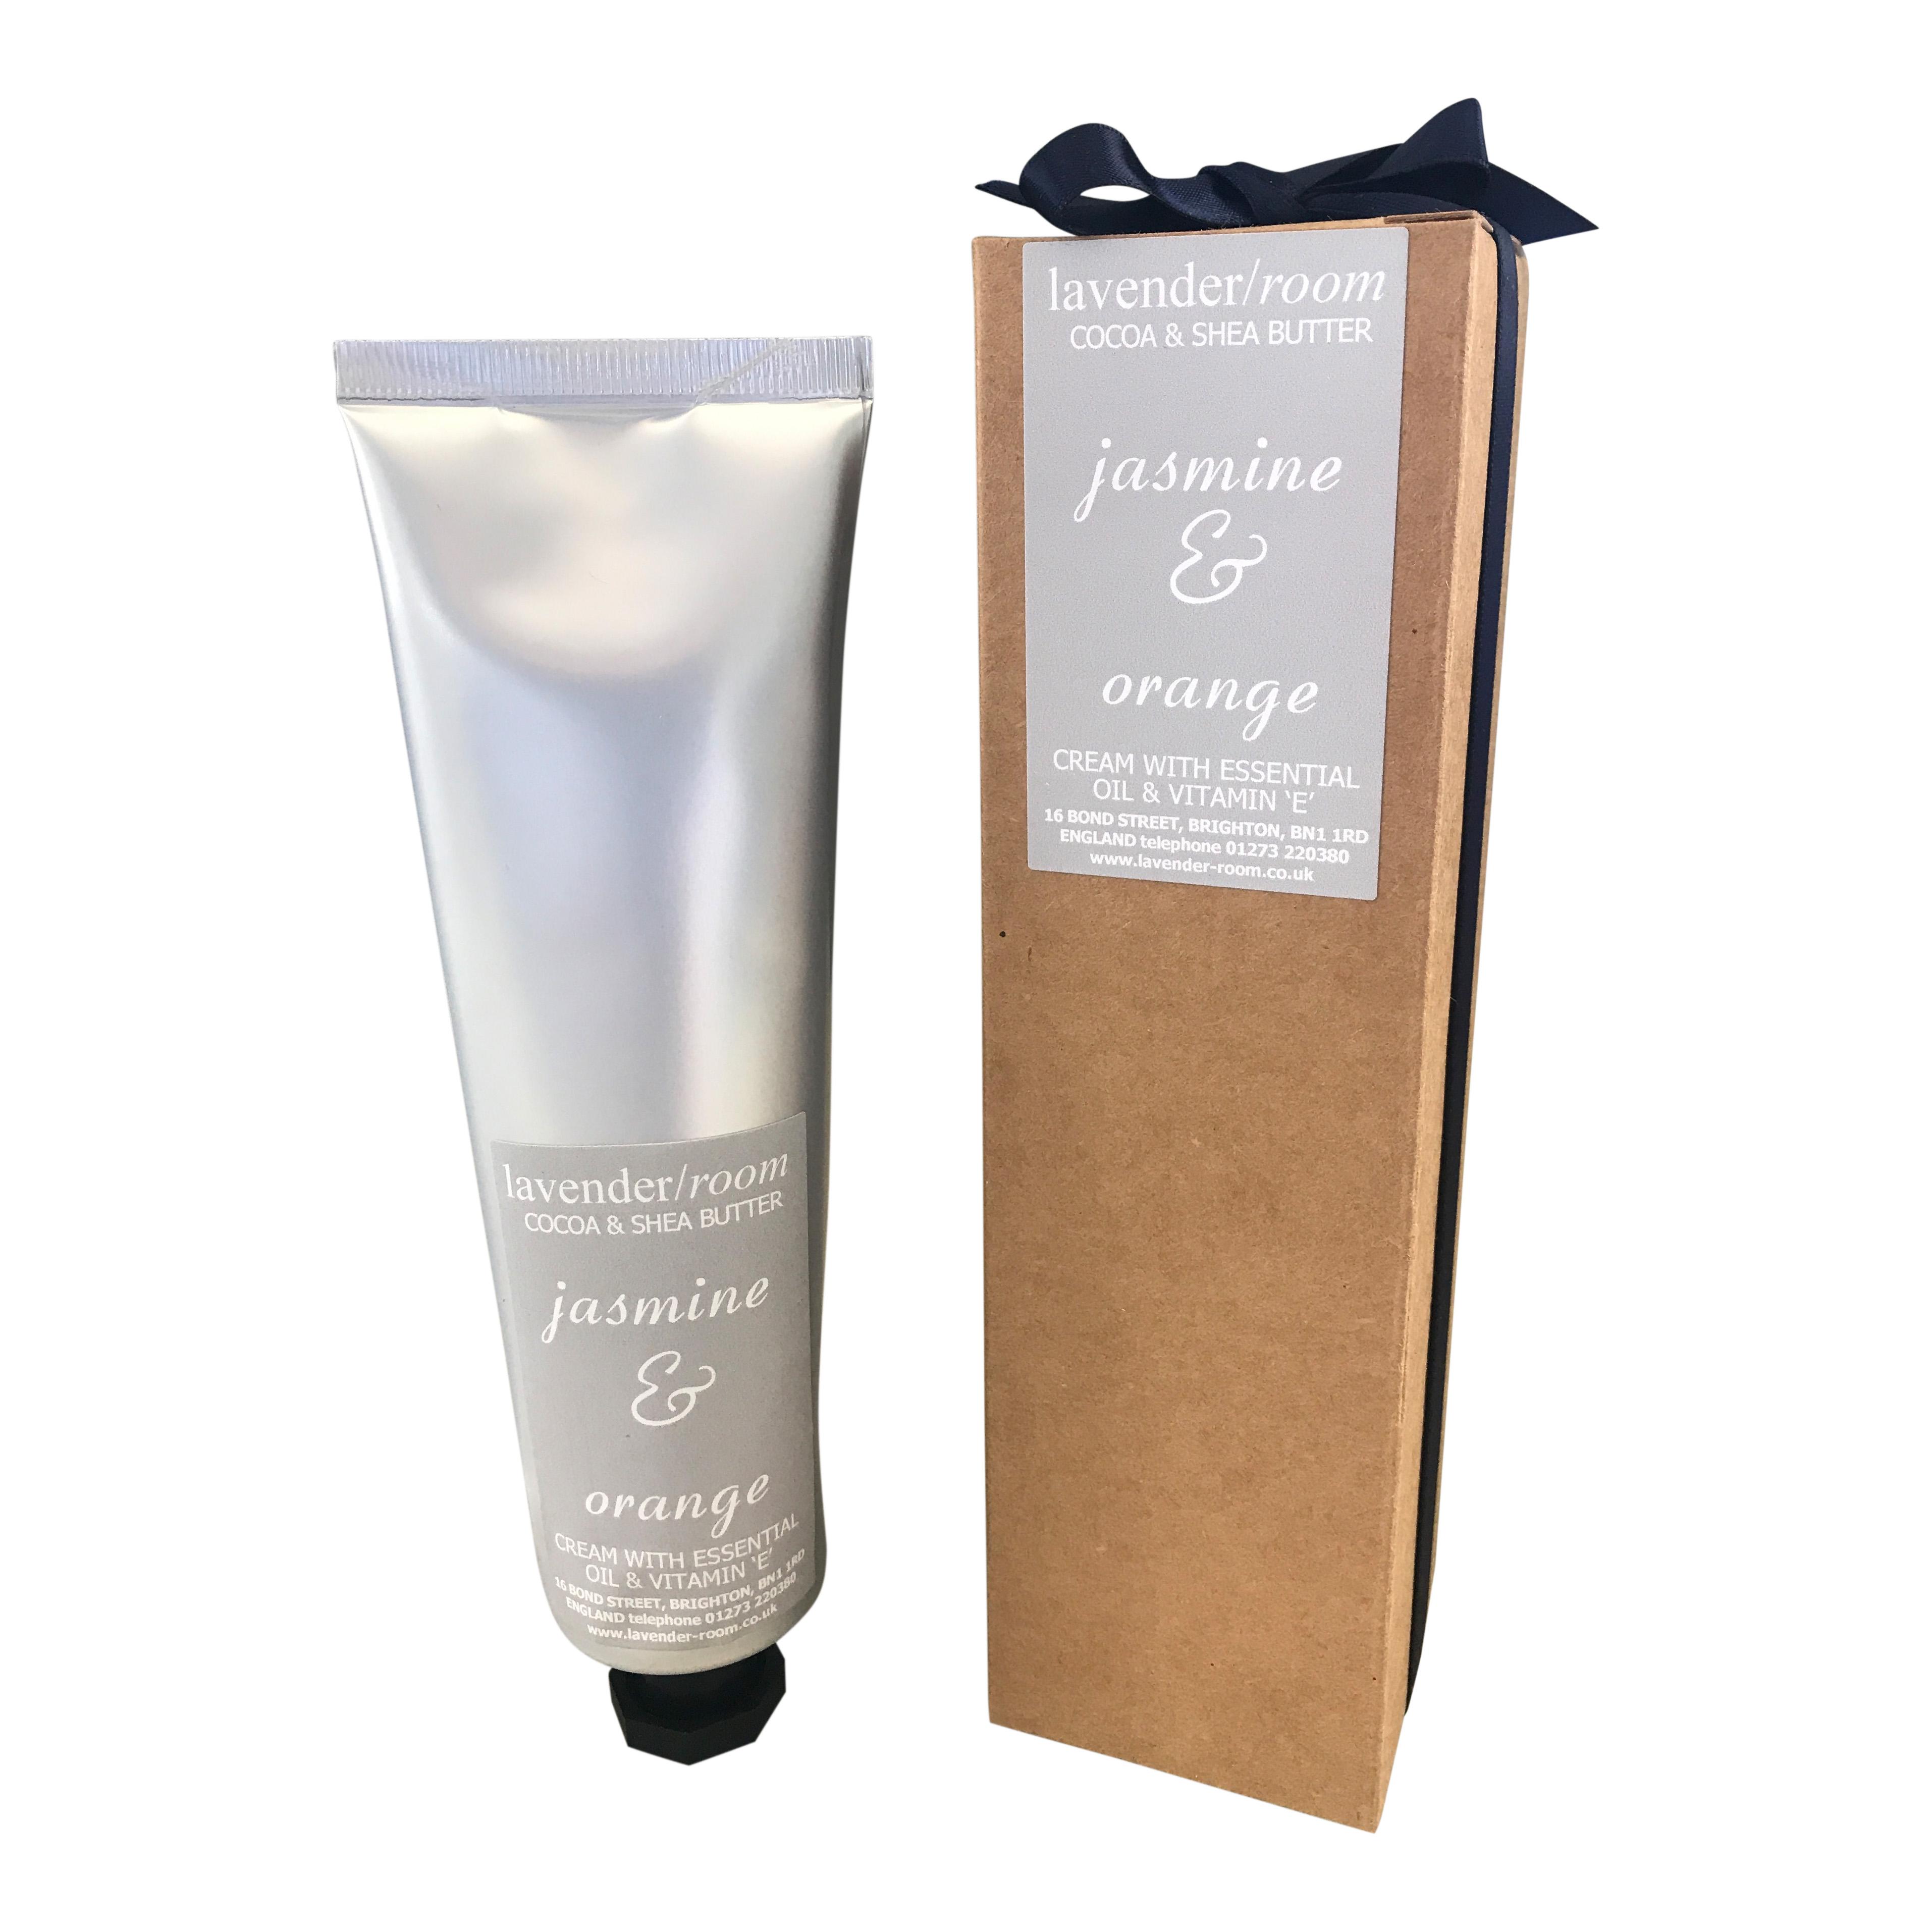 lavender room Cocoa & Shea Butter Hand & Body Cream